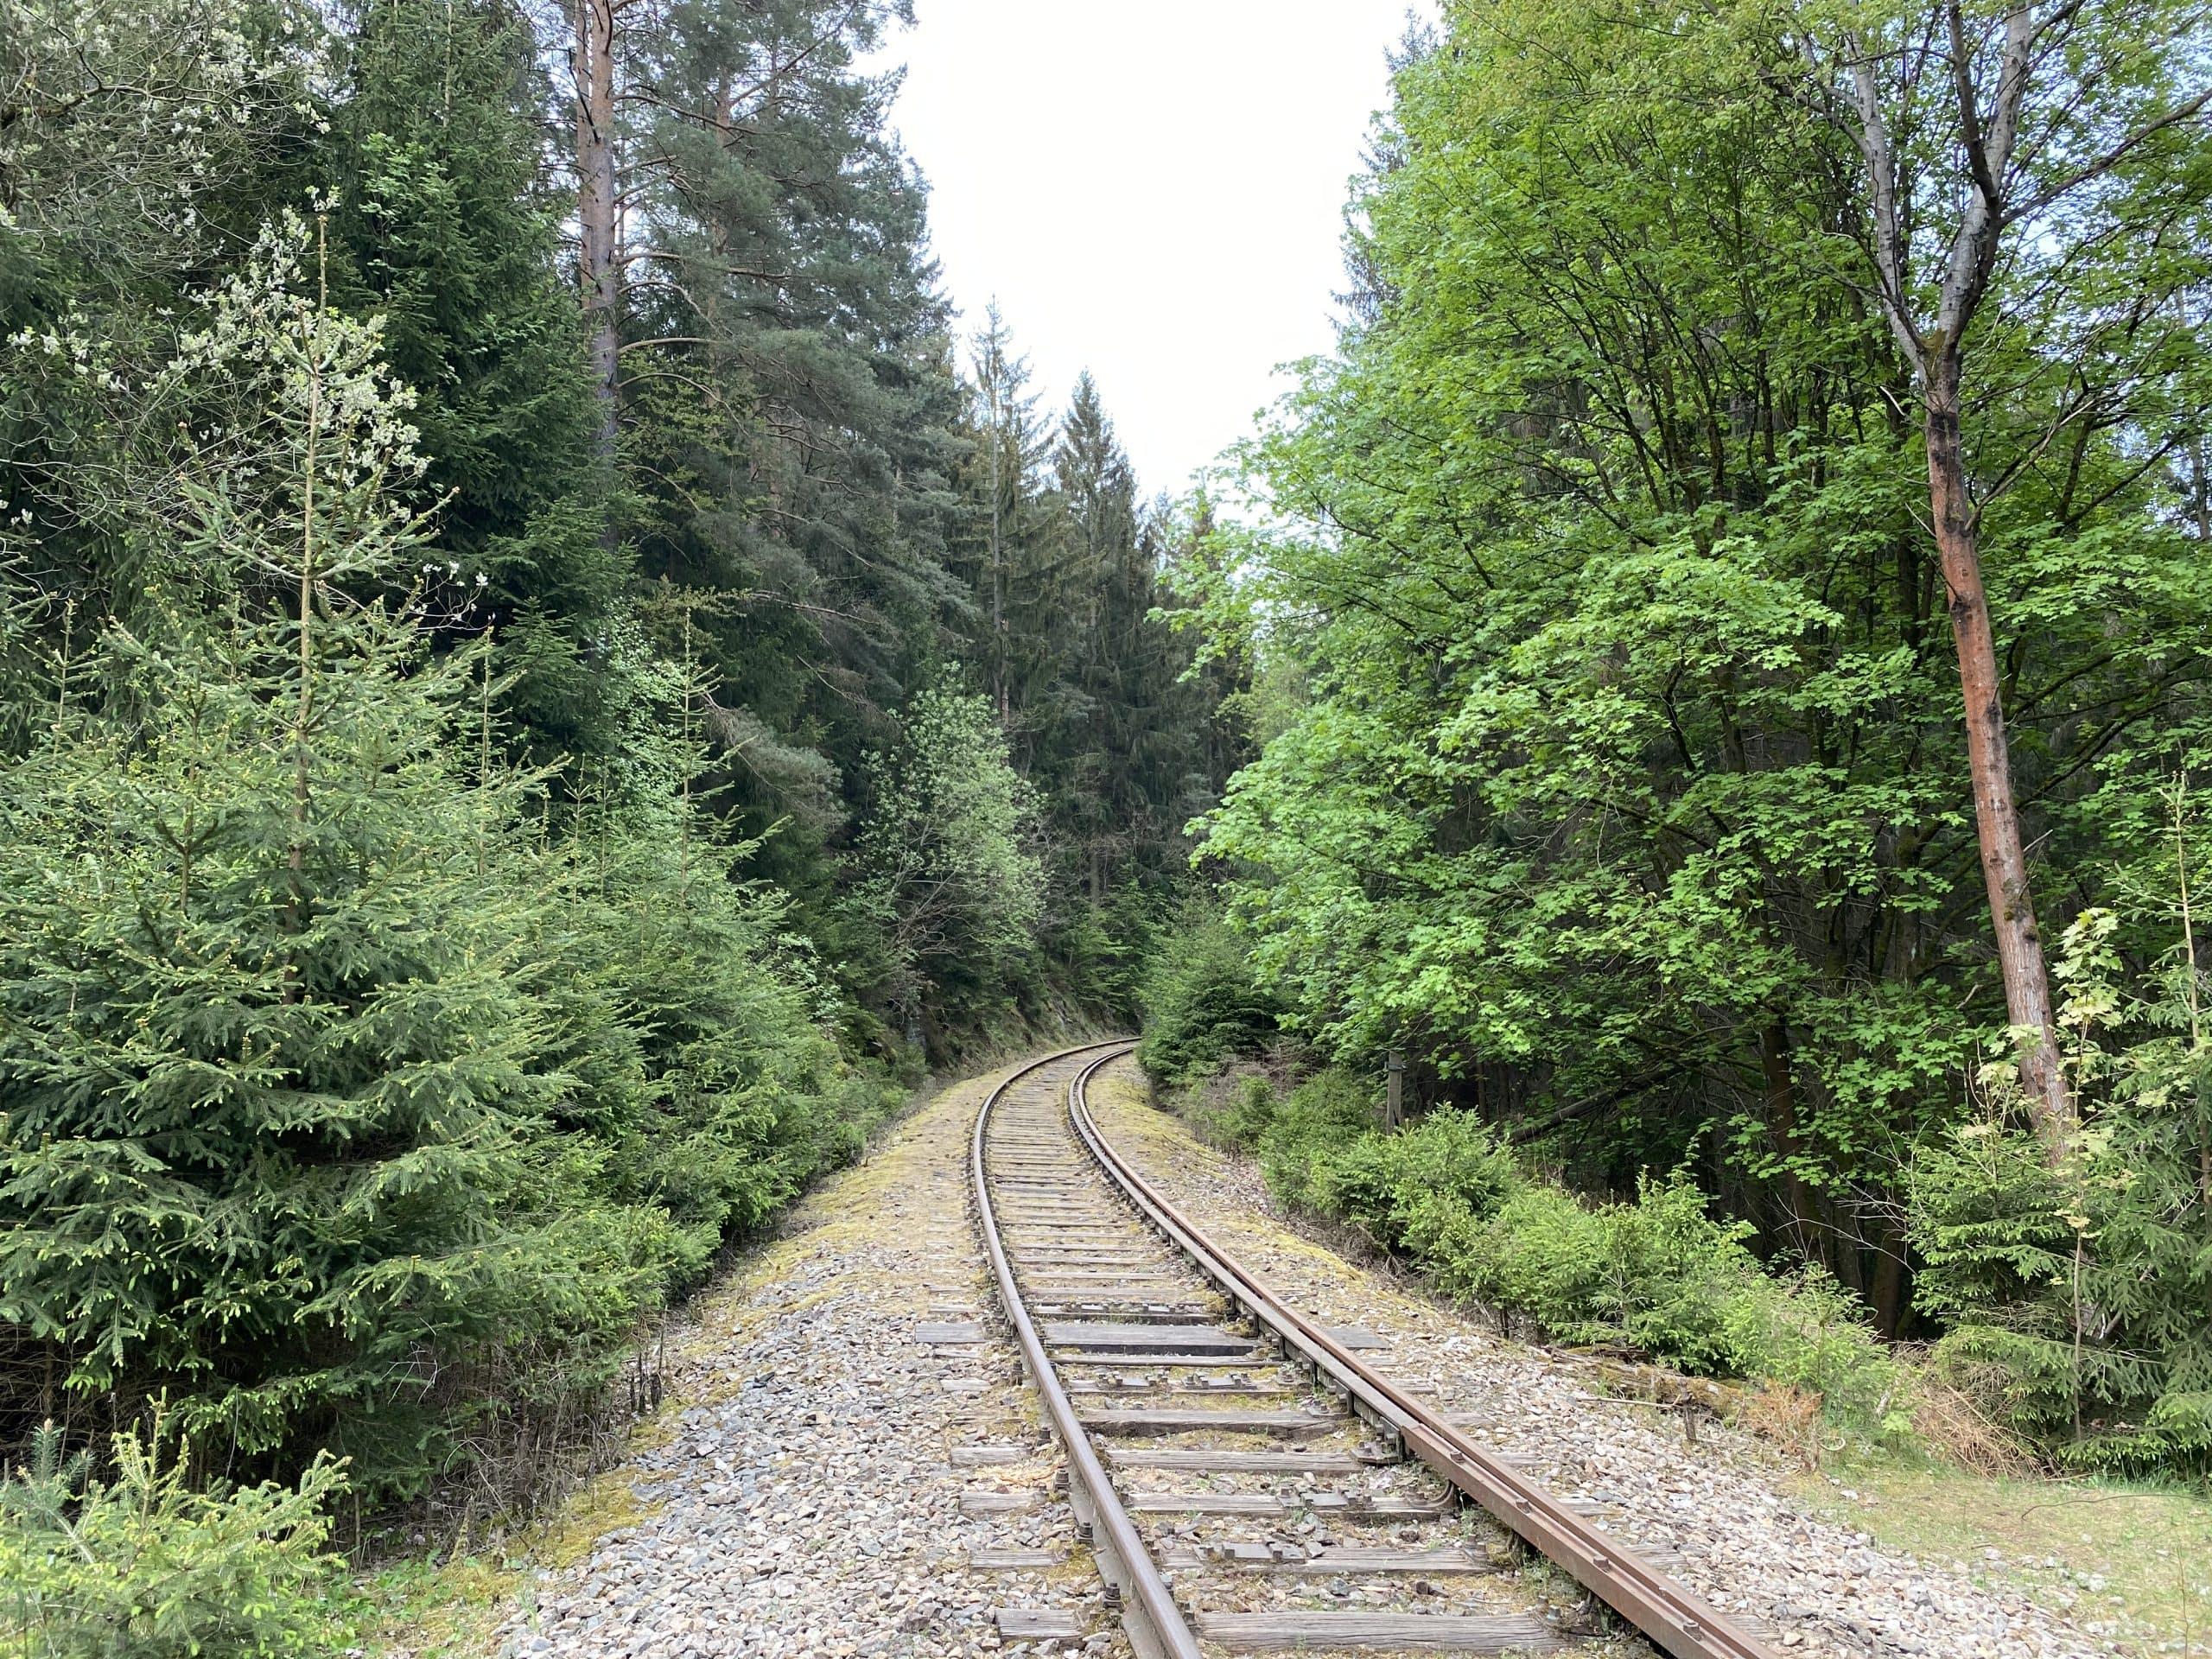 ©Foto: Jan Krehl   railmen   Gleise im Wald von Ziemestal